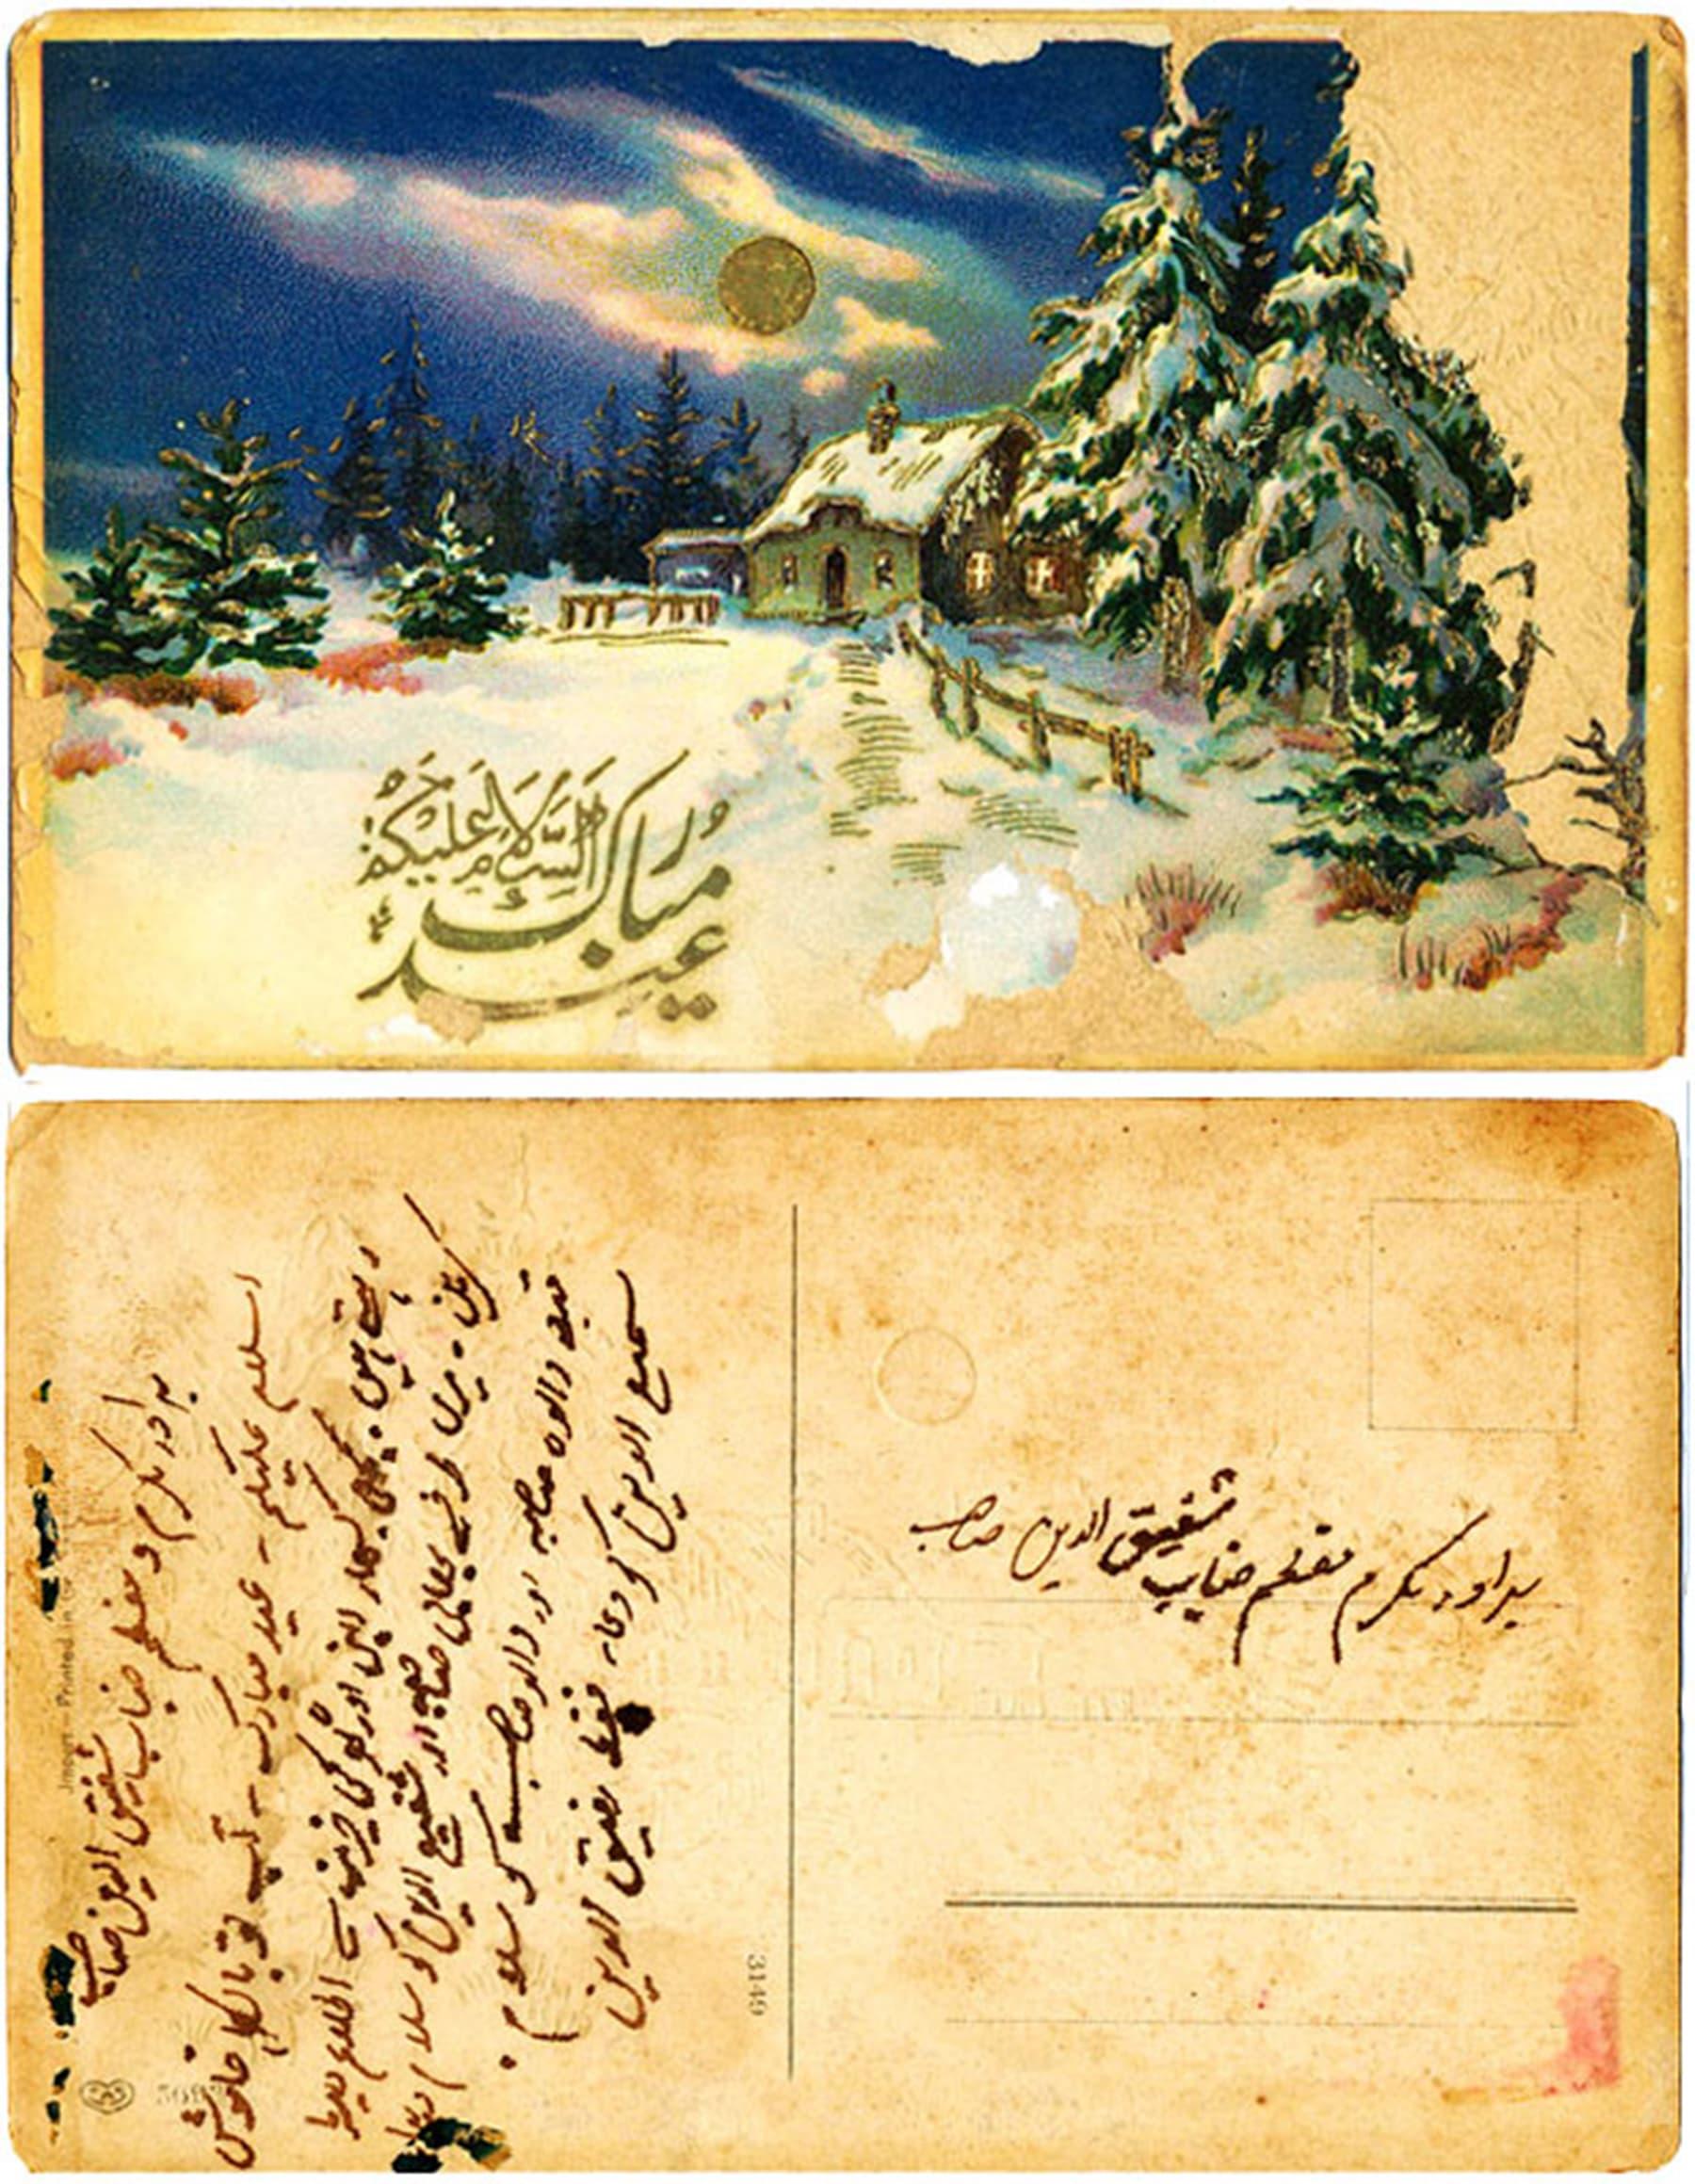 یورپ میں کرسمس کے لیے شائع کردہ کارڈ پر عید مبارک لکھا گیا ہے۔